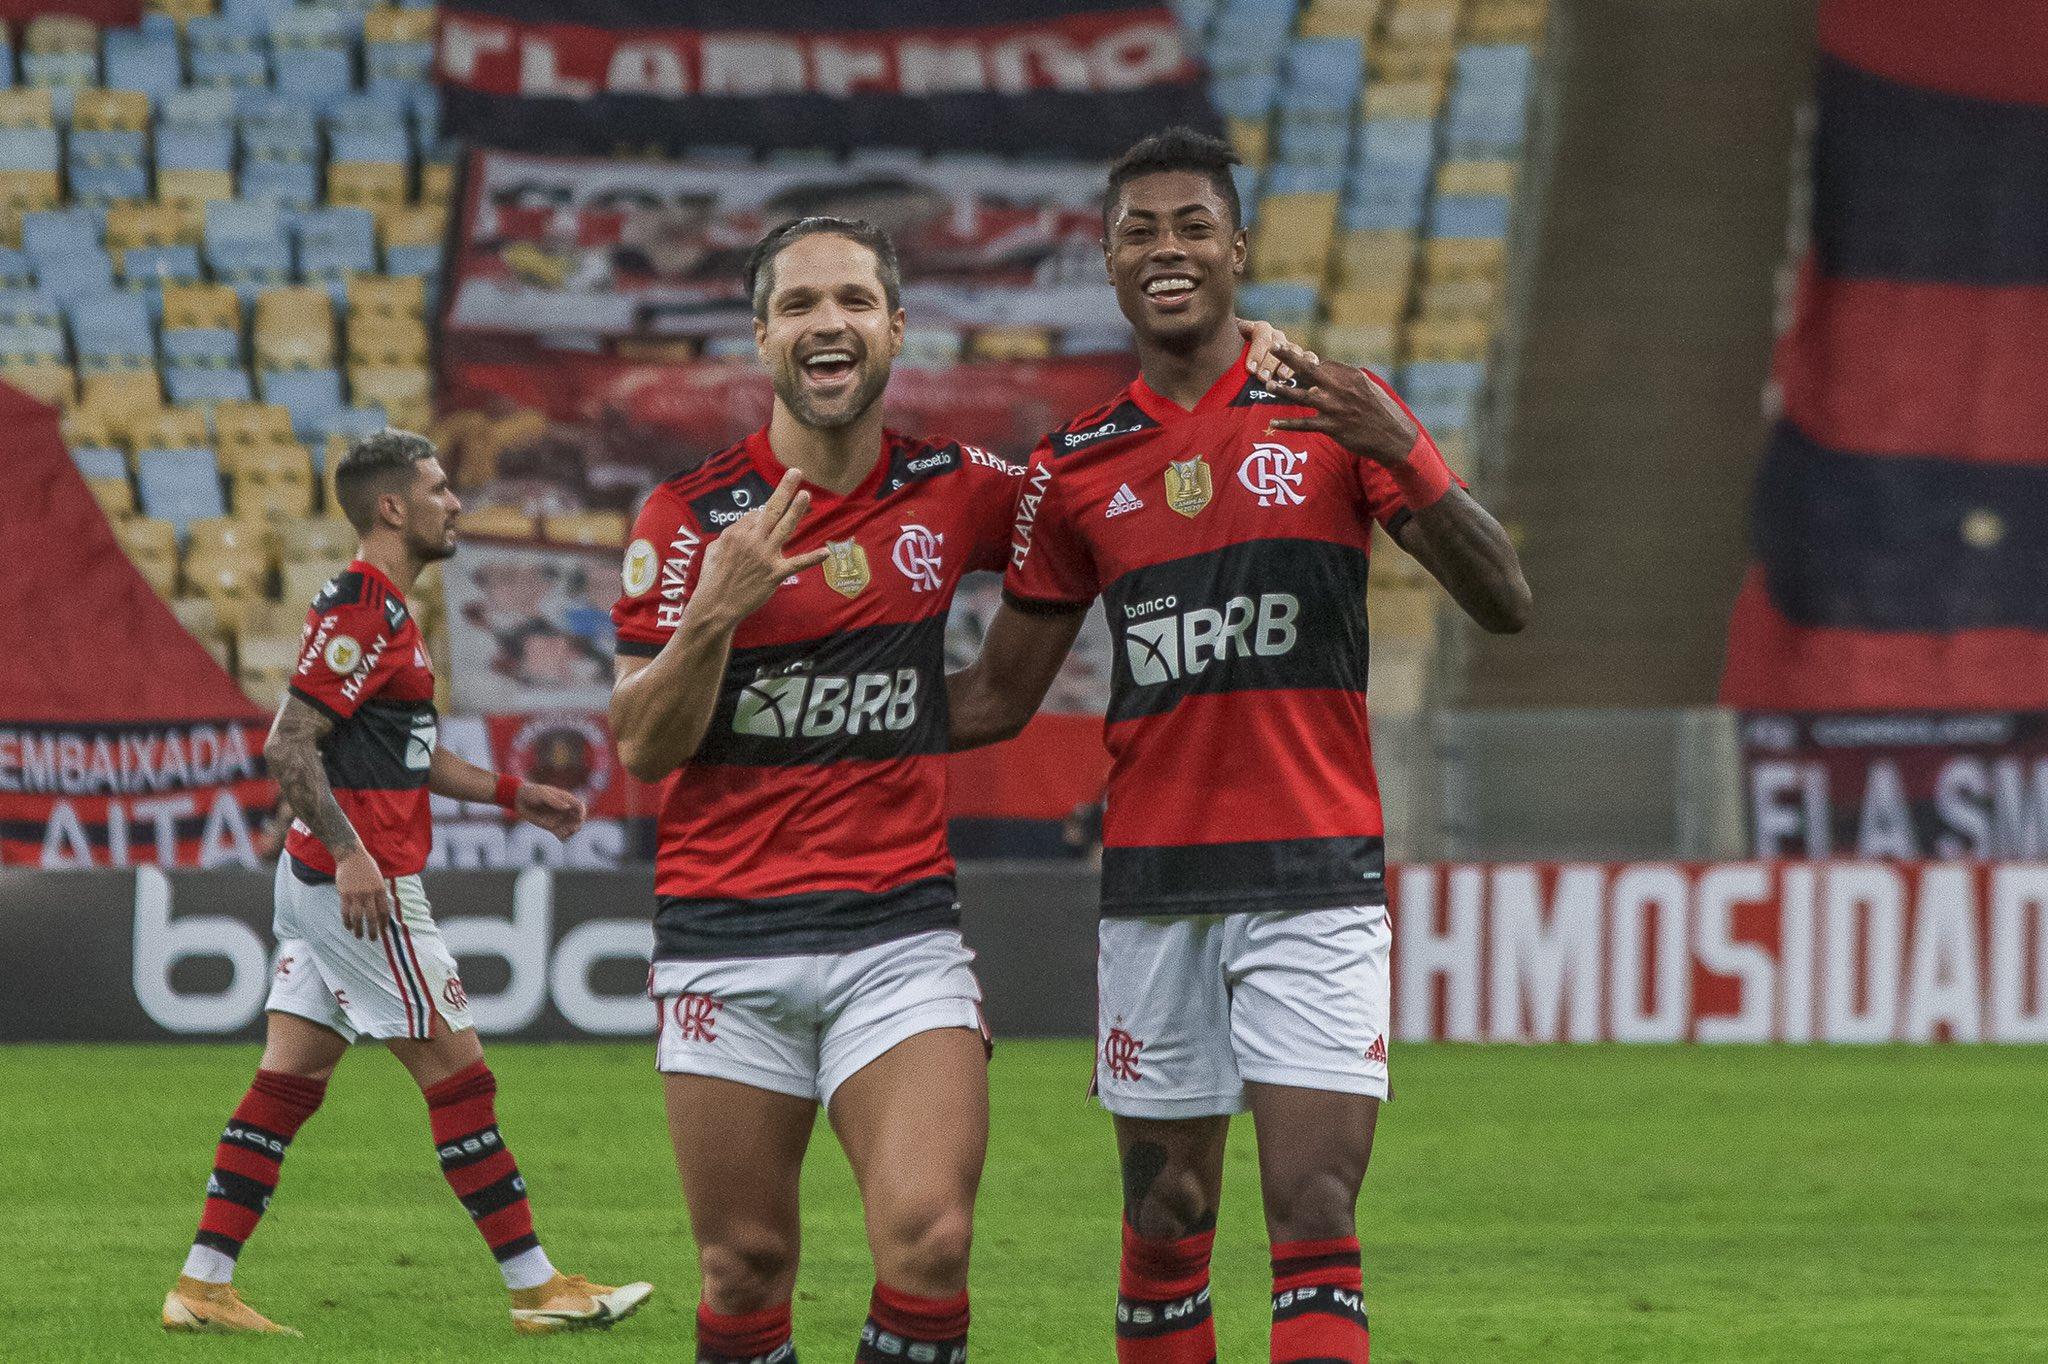 Protagonista contra o São Paulo, Bruno Henrique vibra: Nunca deixei de acreditar em mim